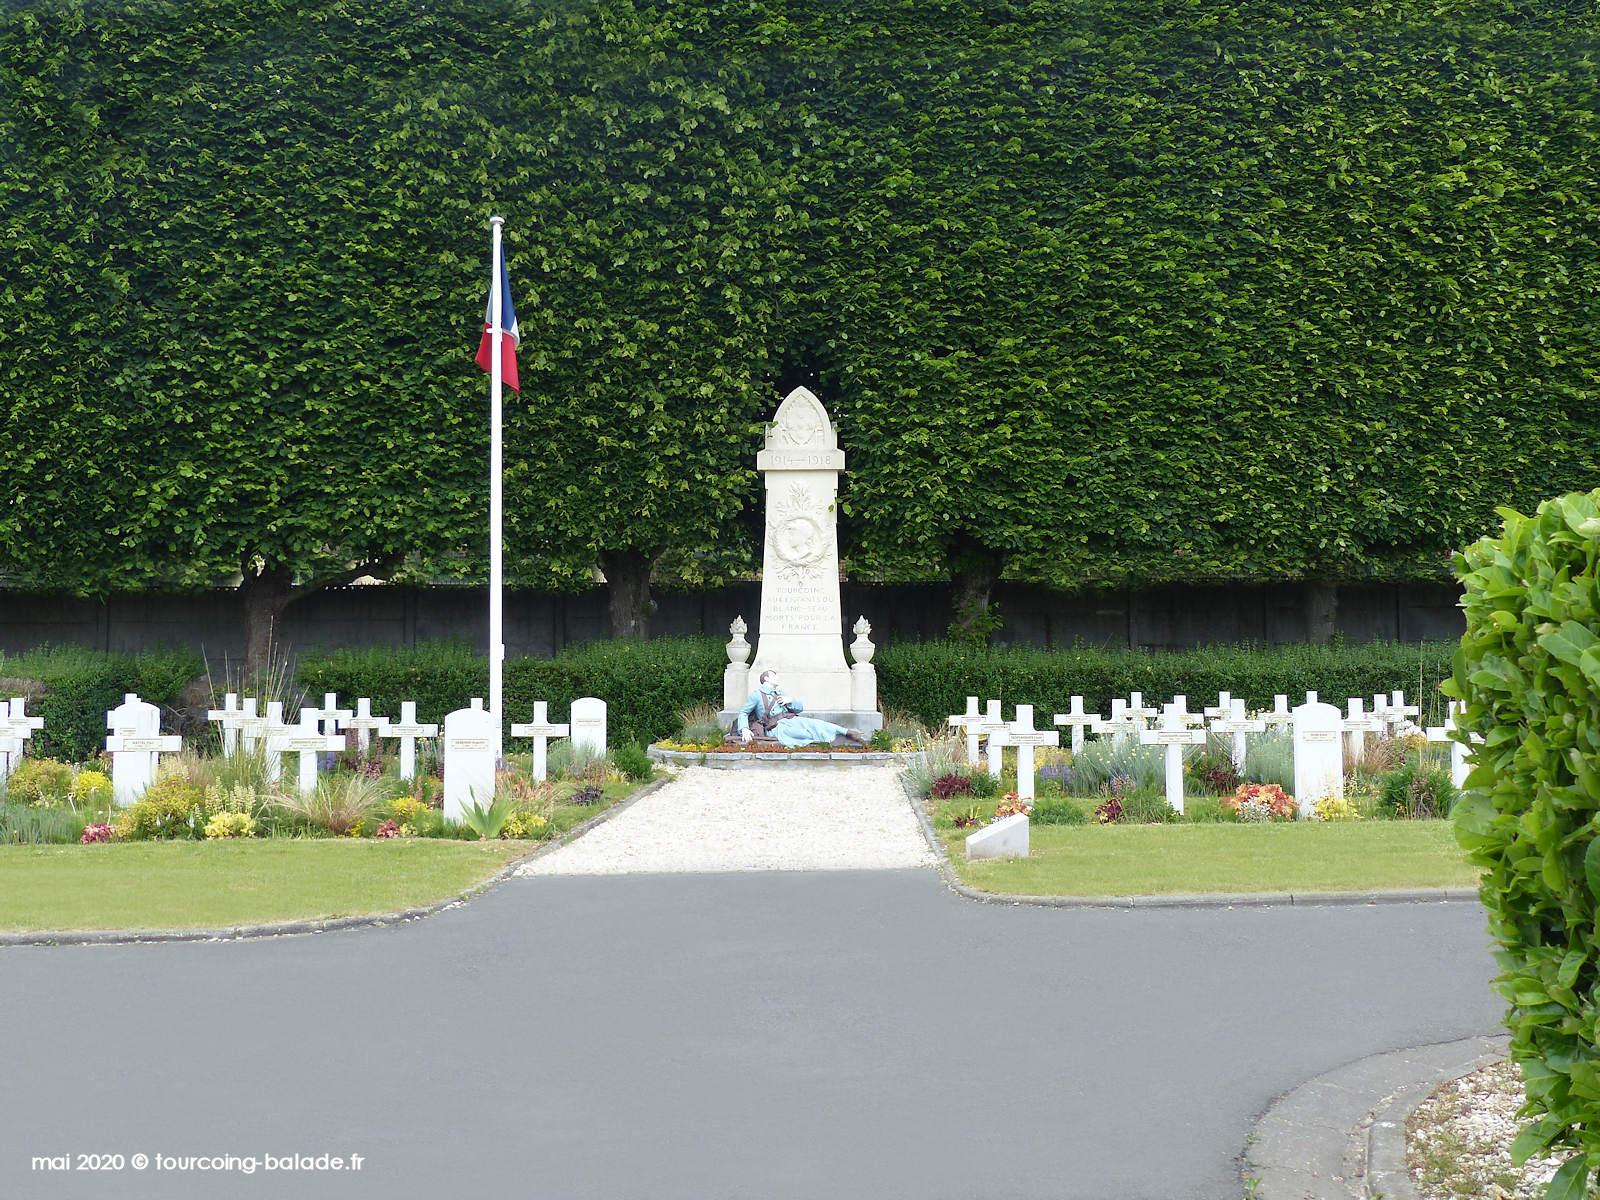 Cimetière du Blanc Seau Tourcoing - Carré militaire, 2020